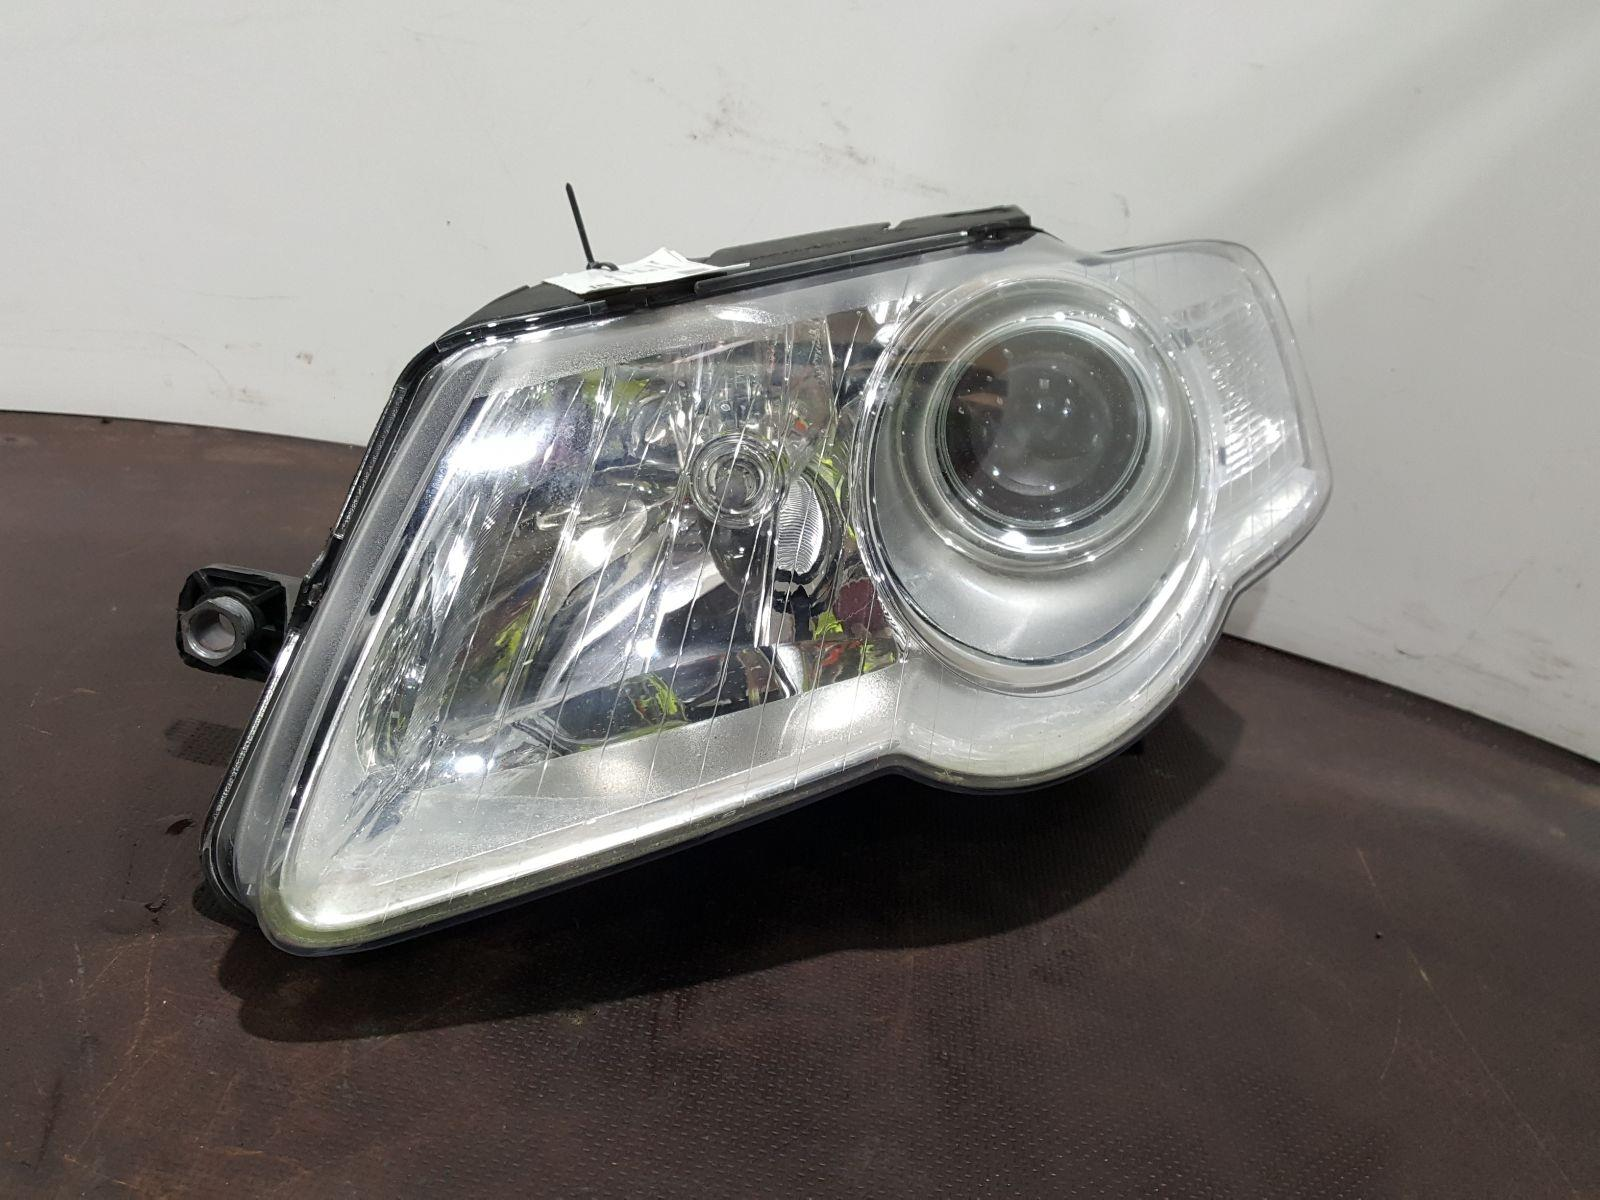 Volkswagen Passat 2005 - 2010 N/S Left Passengers Headlamp Headlight 3C0941005AC